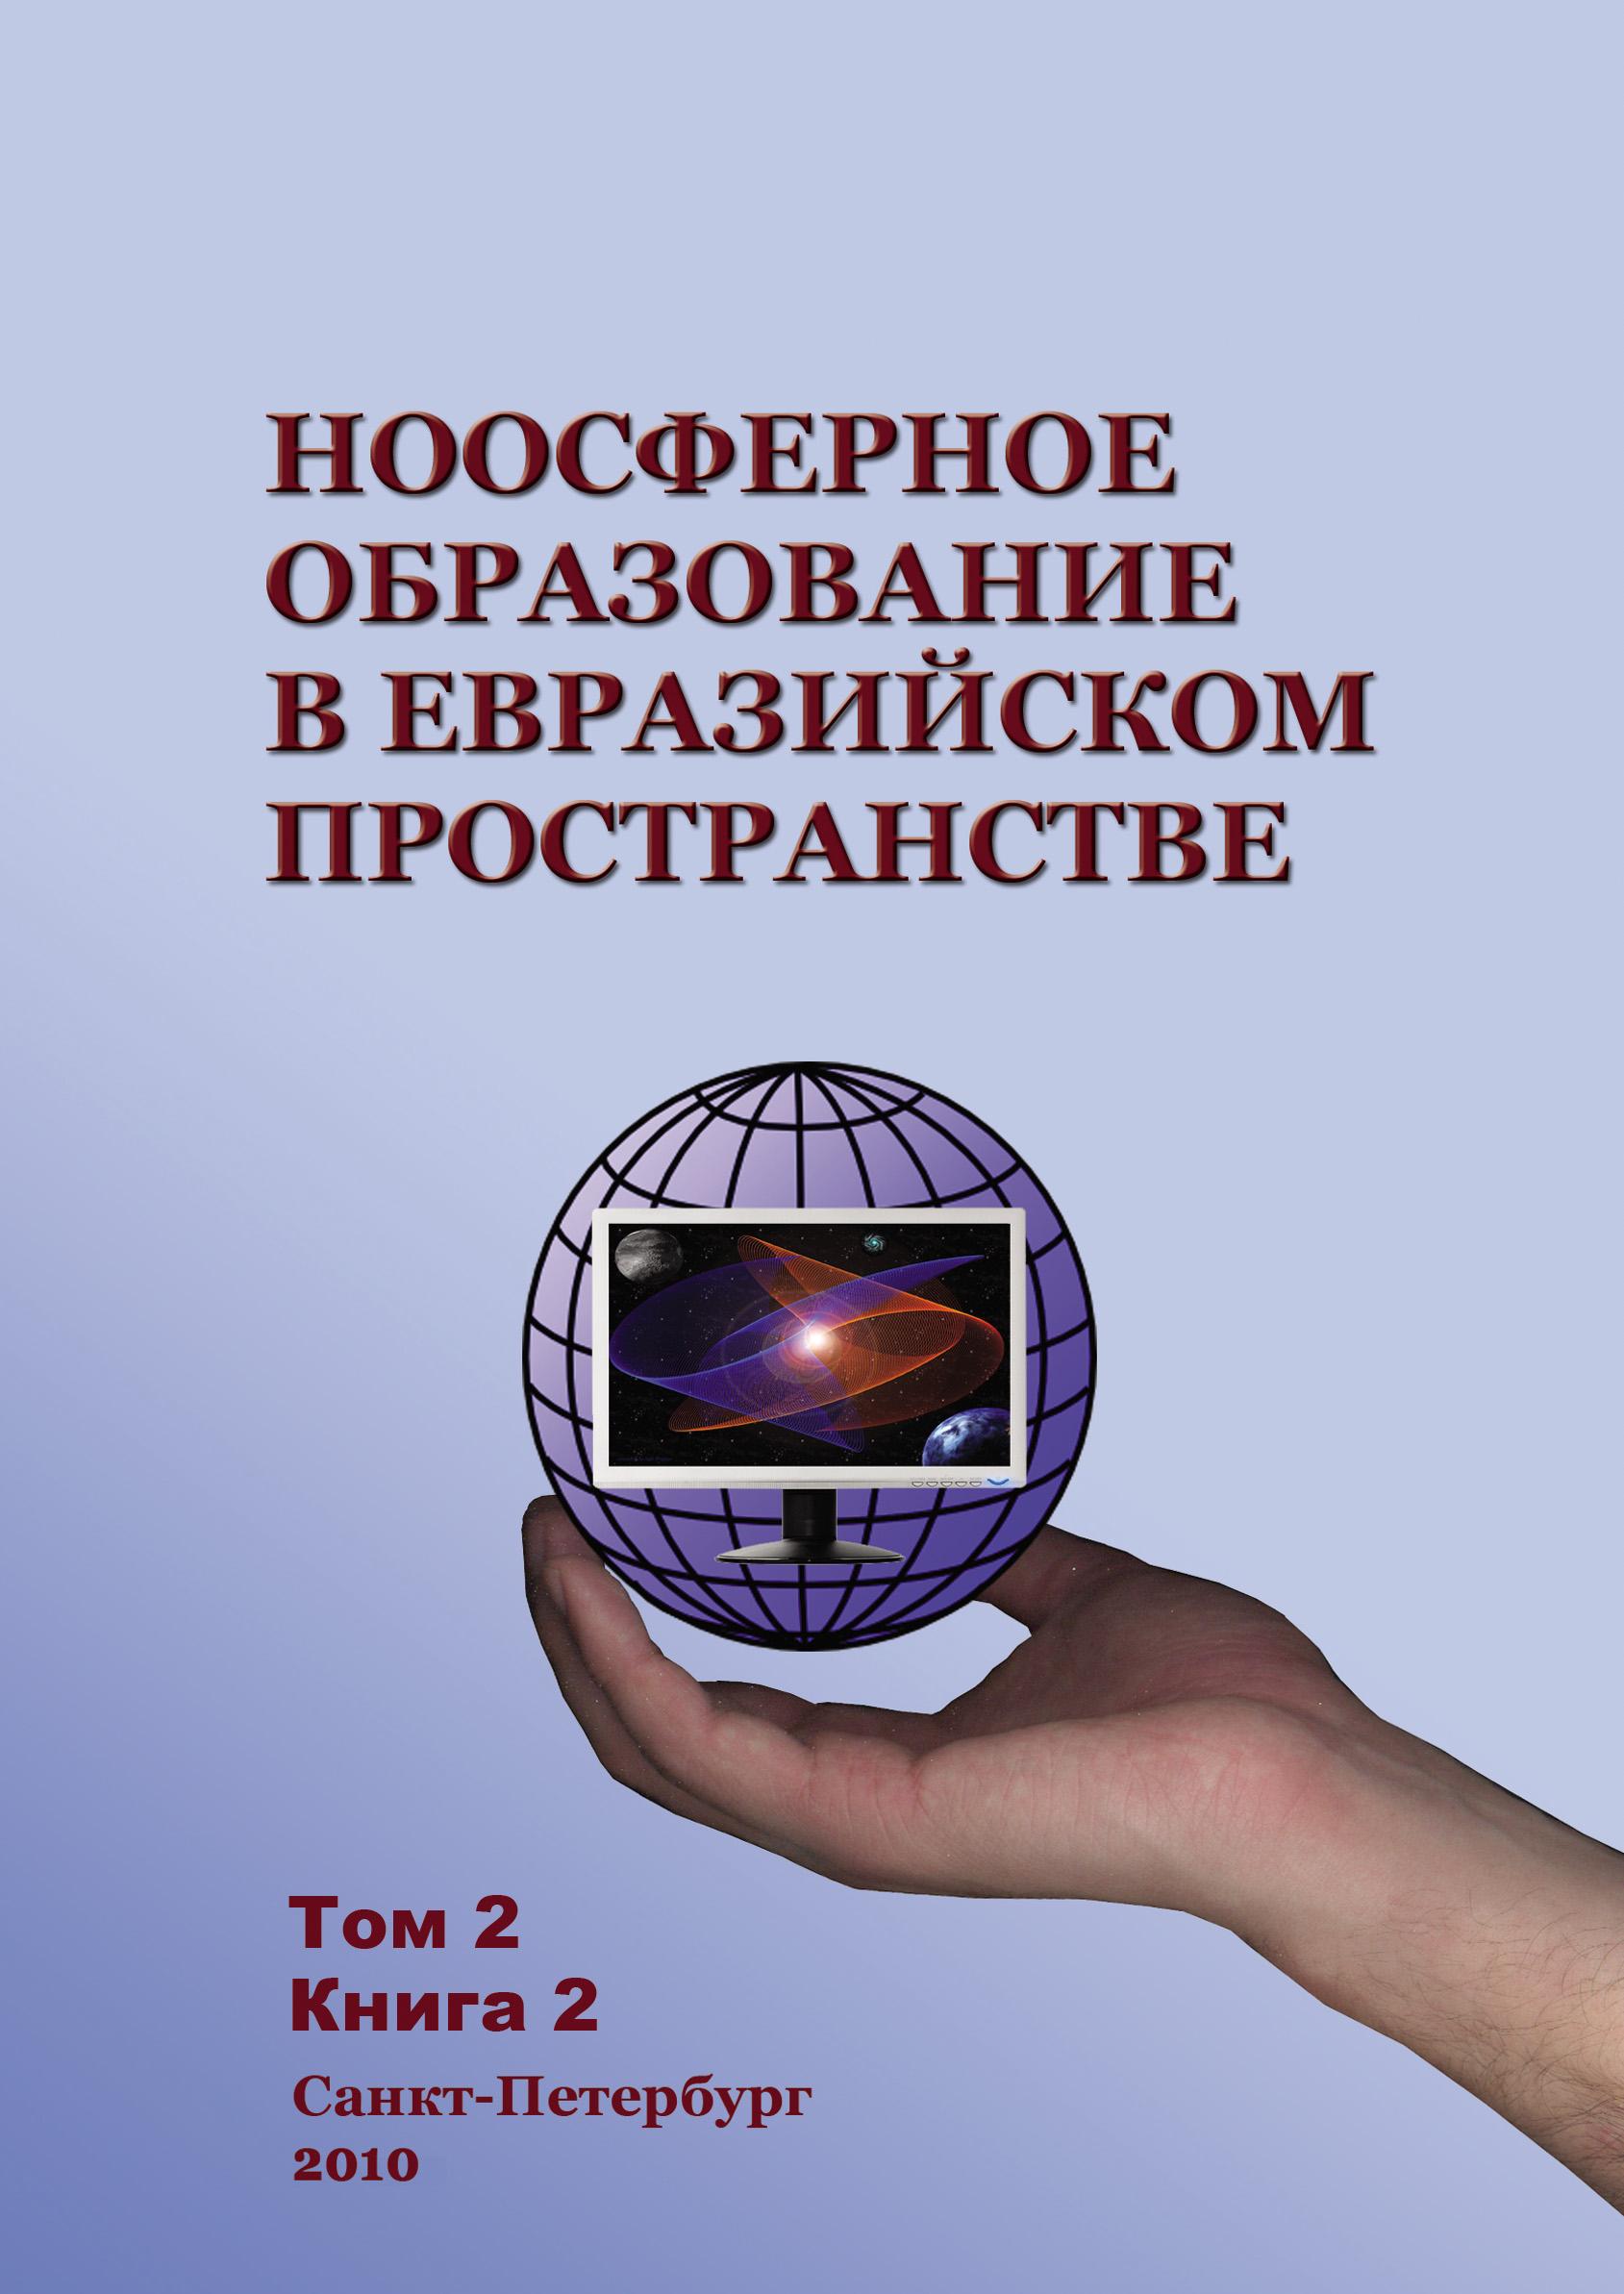 Коллектив авторов Ноосферное образование в евразийском пространстве. Том 2. Книга 2